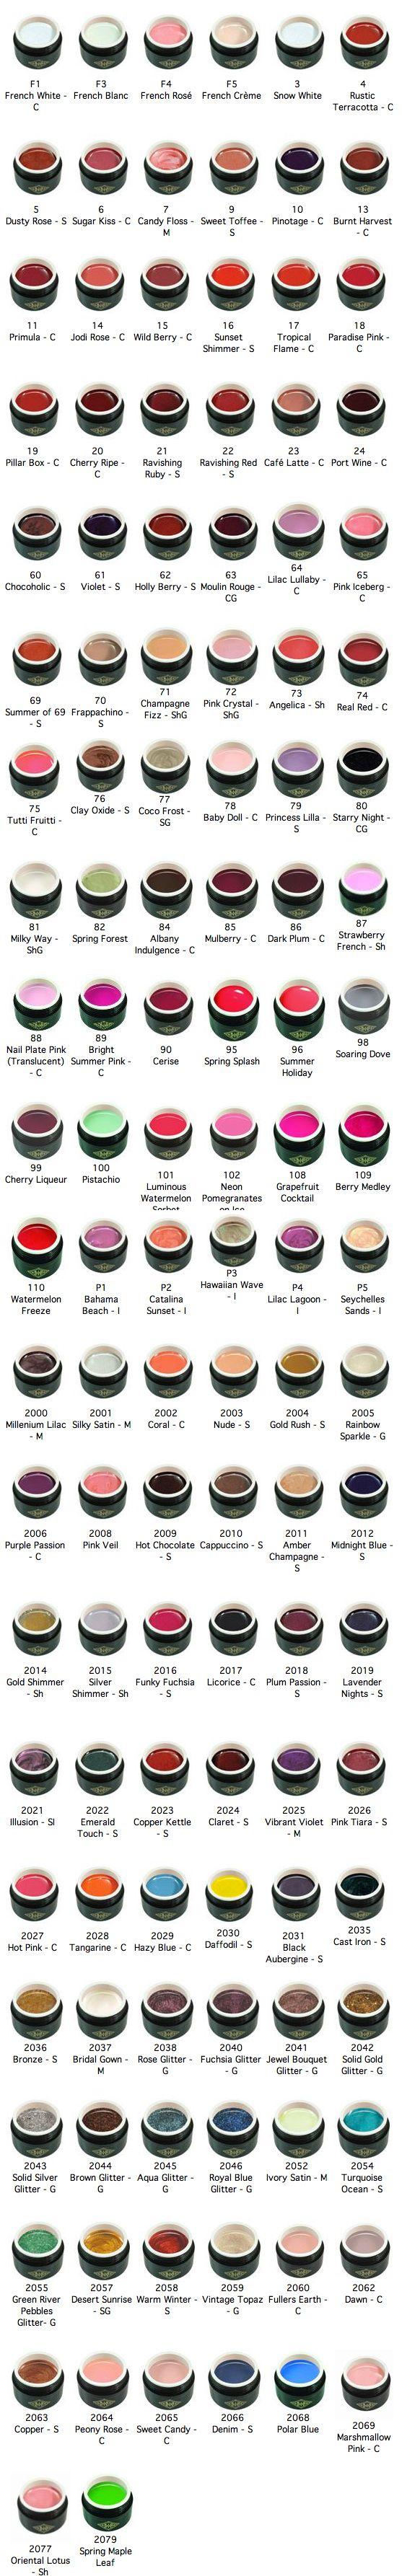 The Bio Sculpture colours